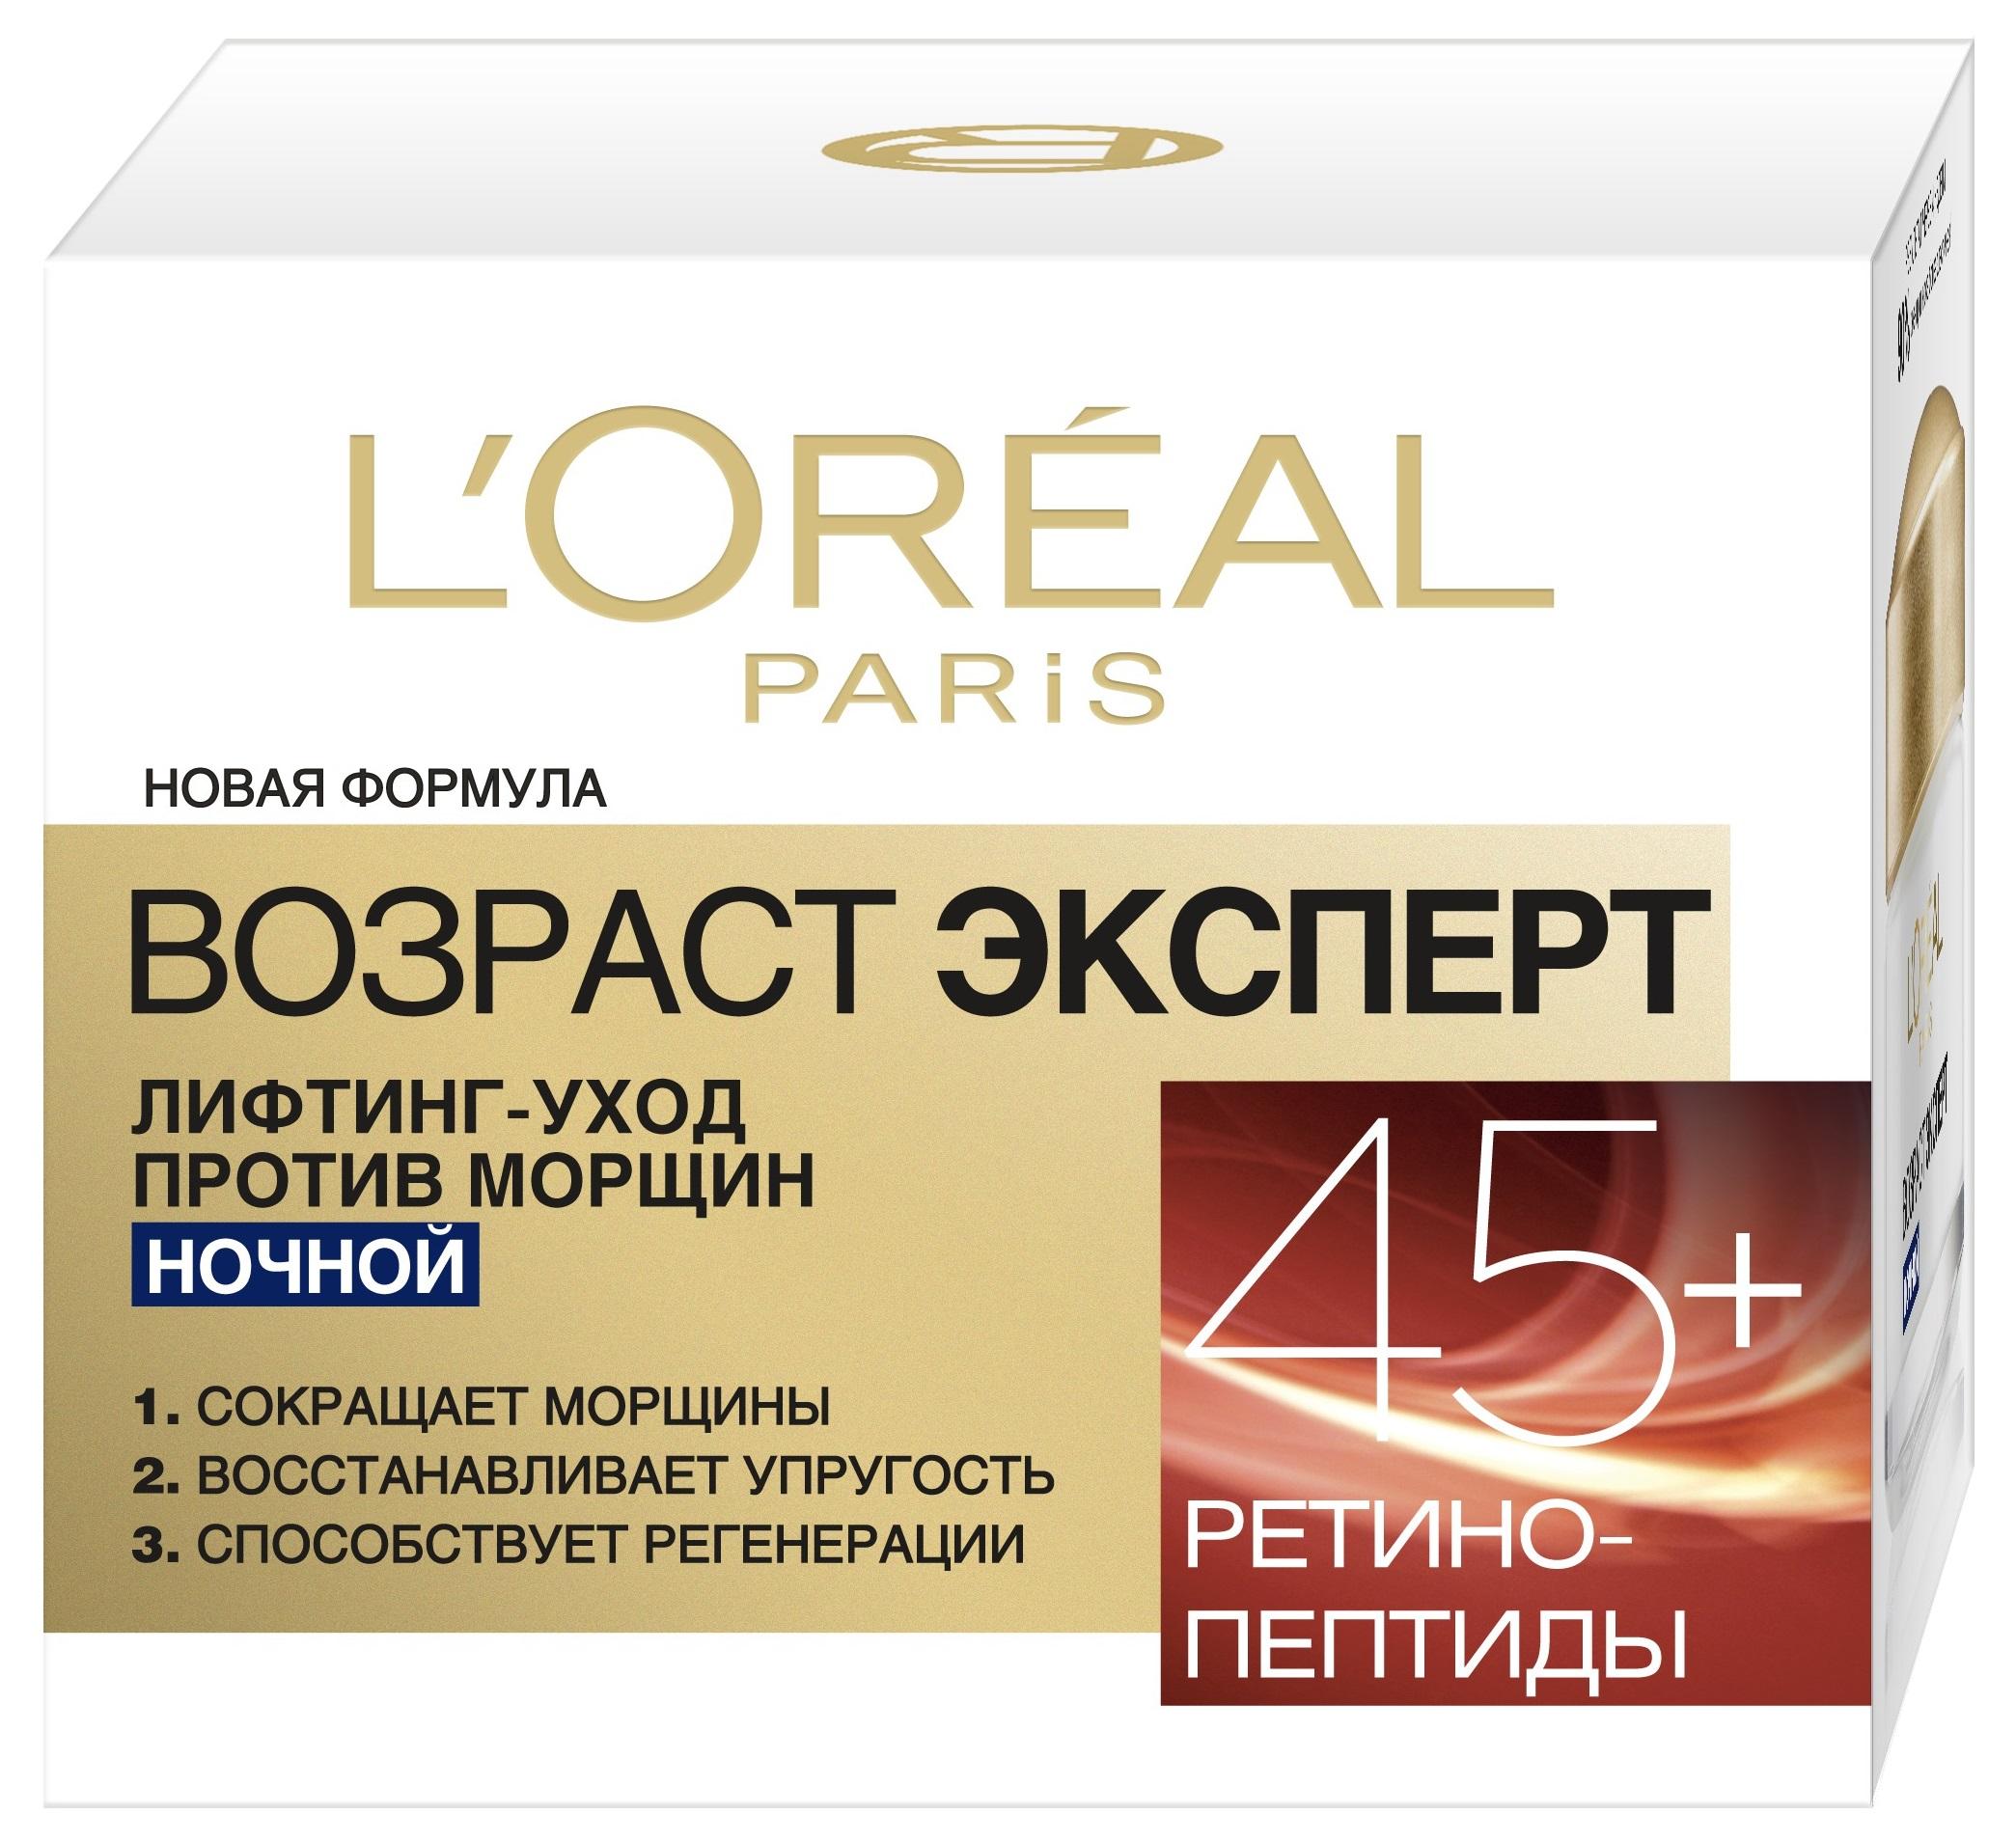 Крем для лица L'Oreal Paris Возраст эксперт Ночной уход 45+ 50 мл